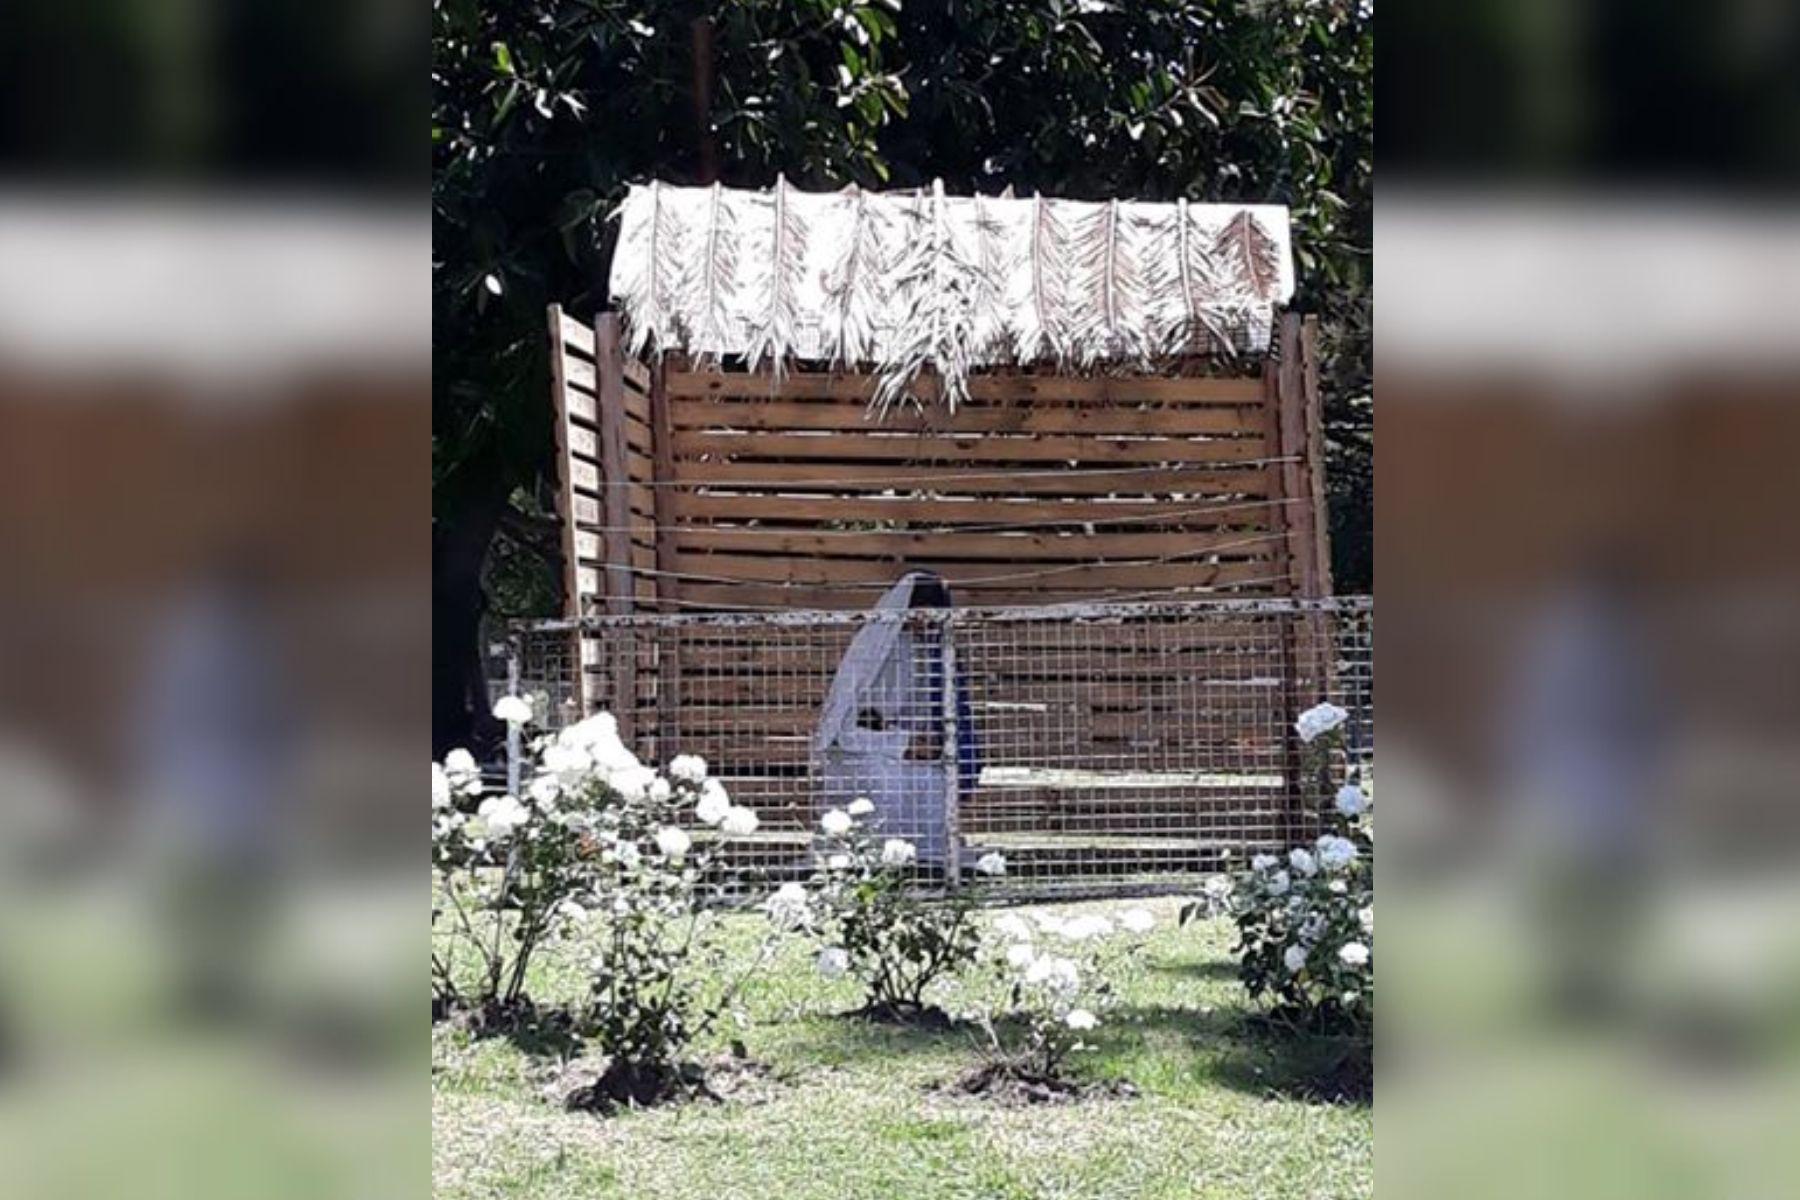 Insólito: robaron a José de un pesebre entrerriano y se lo llevaron de fiesta